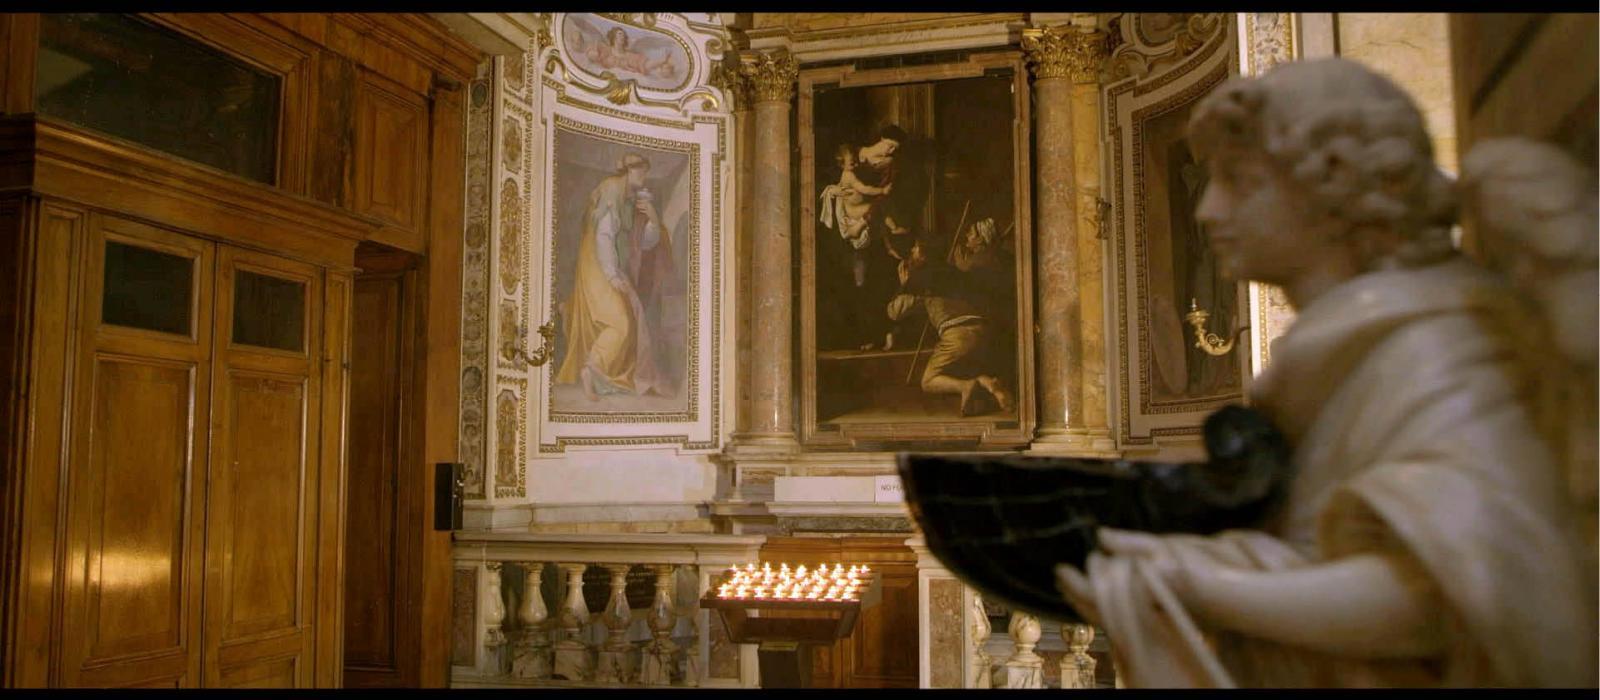 Estrenos: Largometrajes y documentales se combinan en la semana del regreso de Glenn Close